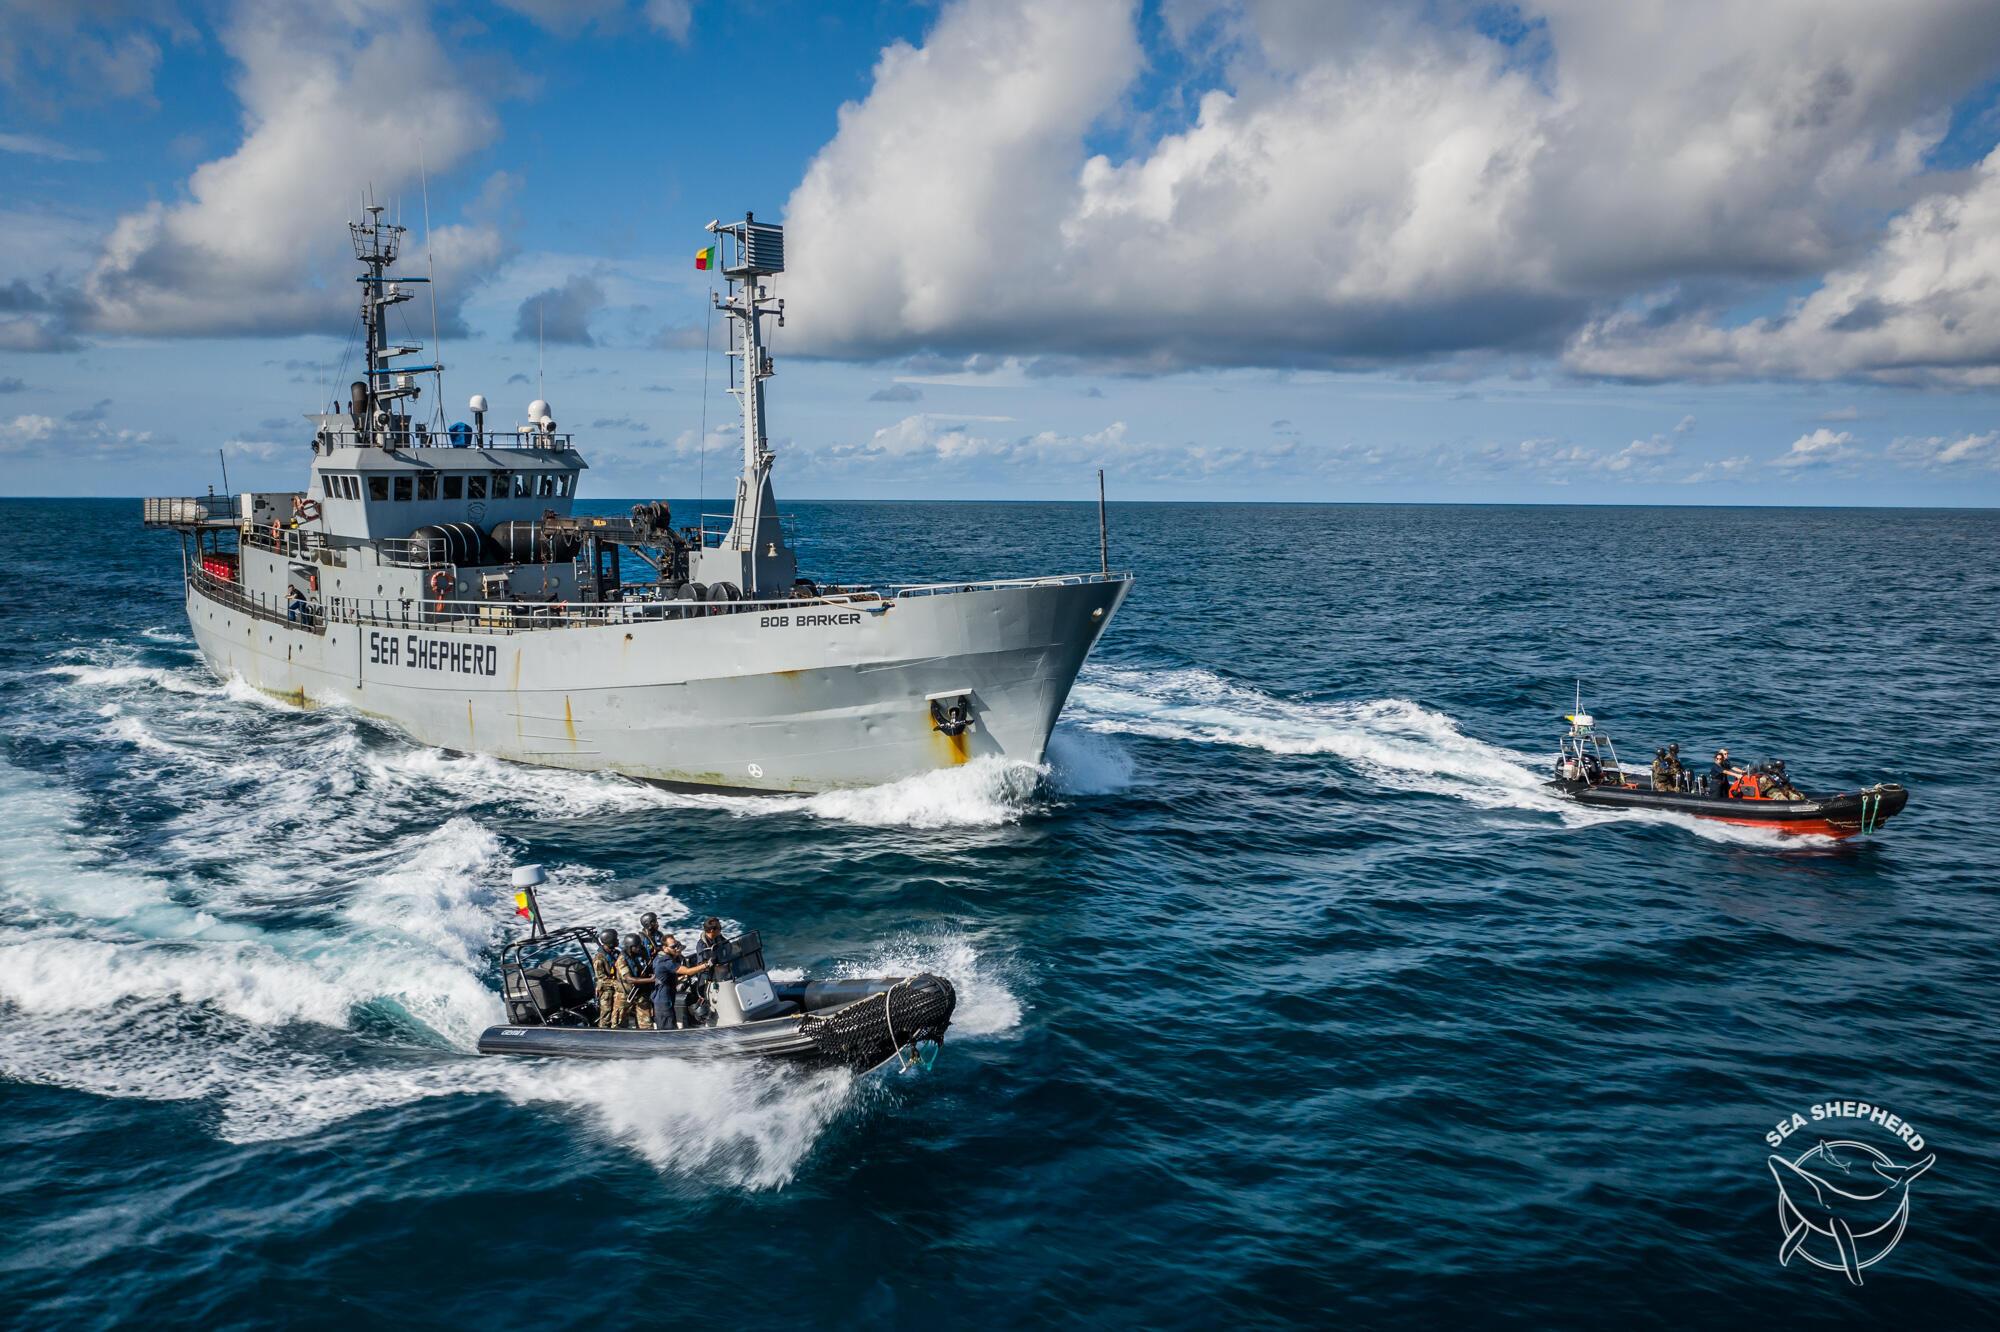 Le bateau de l'ONG Sea Shepherd a passé 20 jours dans les eaux territoriales béninoises pour lutter contre la pêche illicite.